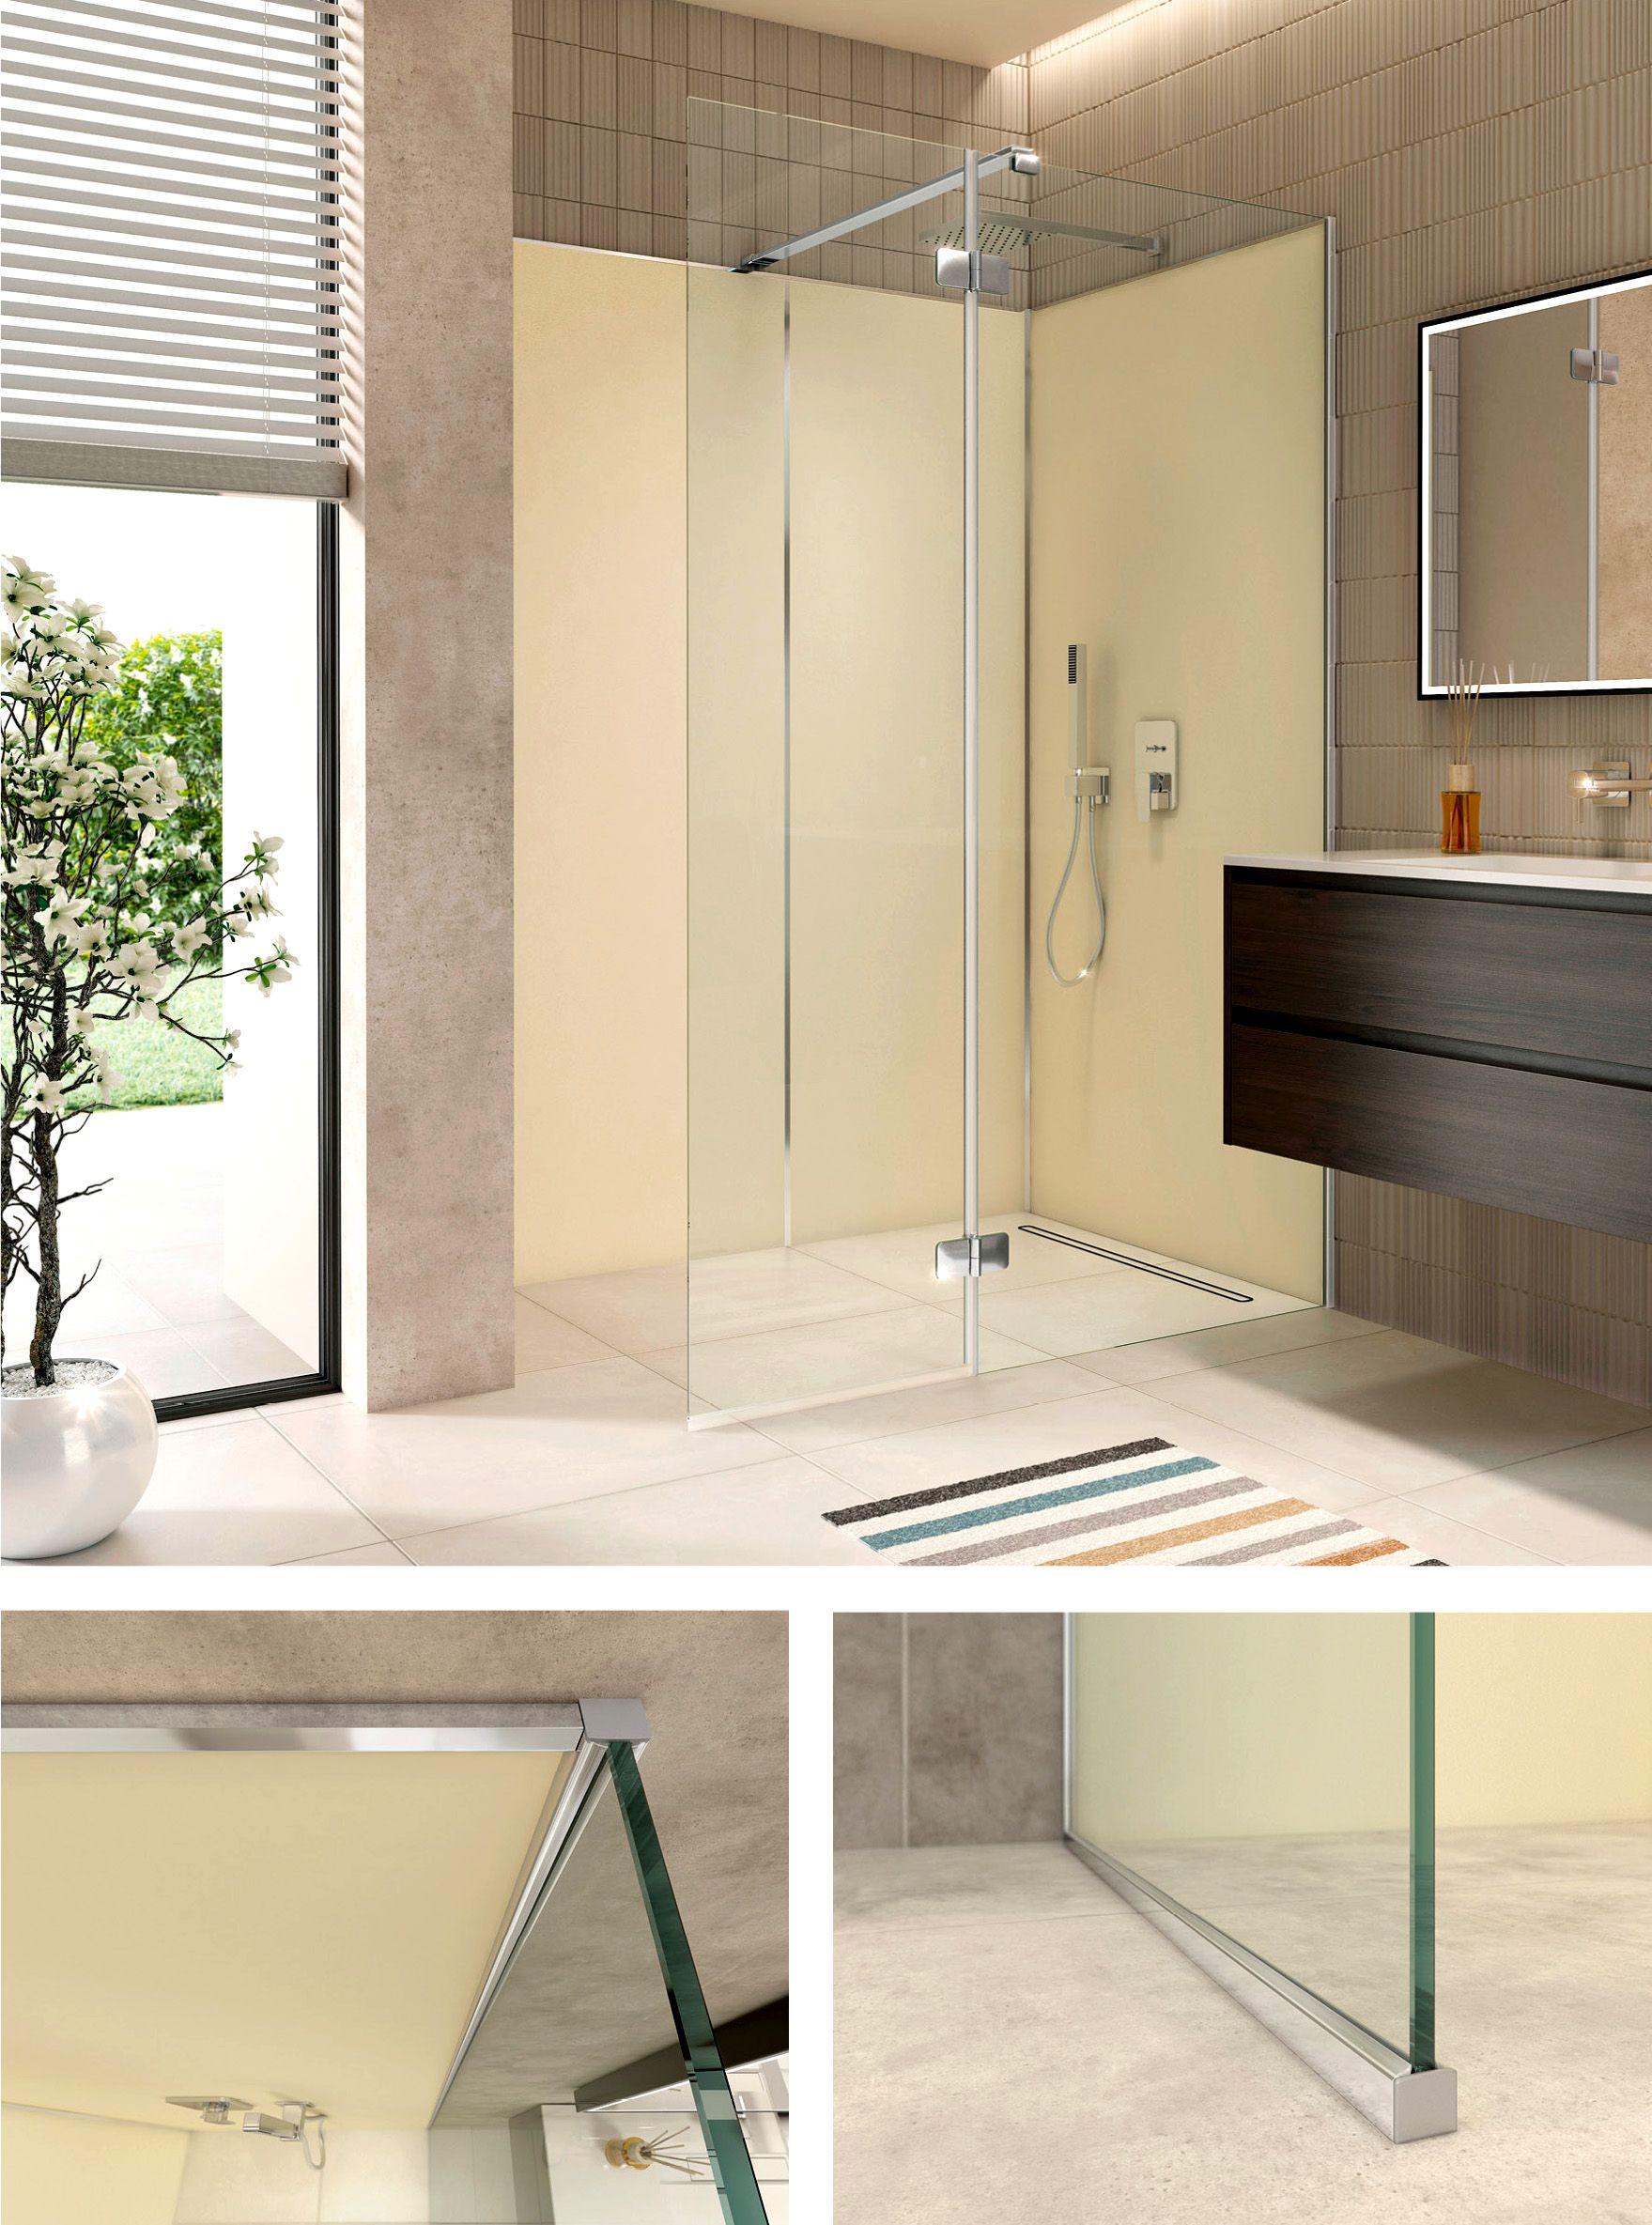 Die Neue Walk In Duschenserie Artweger Zero Perfekte Kombination Fur Die Renovierung Die Profile Werden Auf Den Bestehenden Fl Dusche Duschraum Walk In Dusche